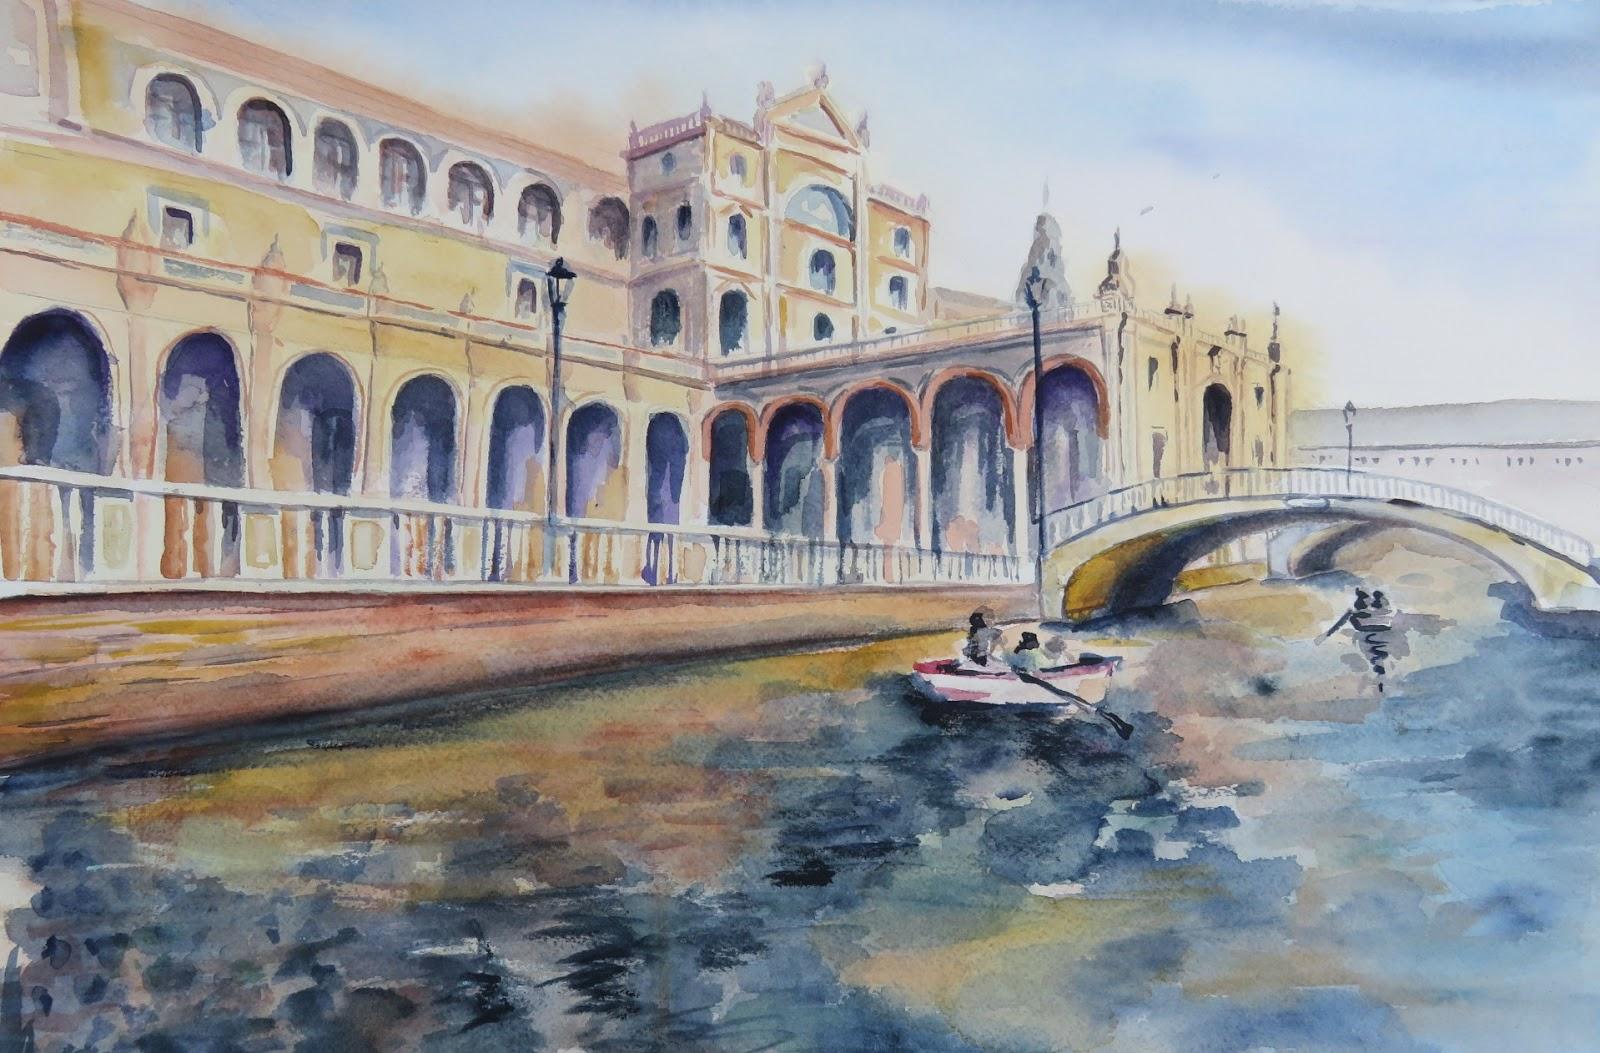 Pinturas de sousa plaza de espa a sevilla for Todo pintura sevilla